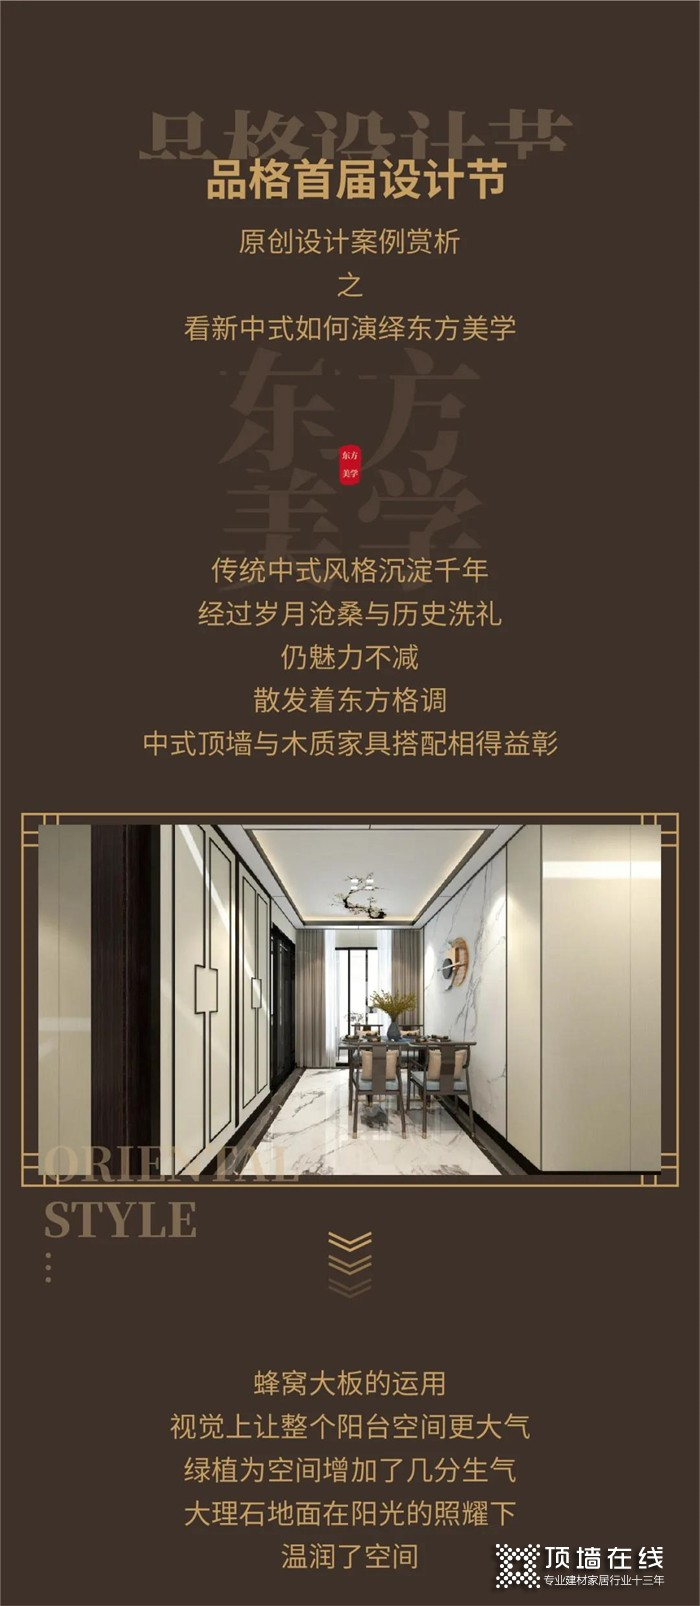 品格设计节原创设计案例赏析(六)——看新中式如何演绎东方美学